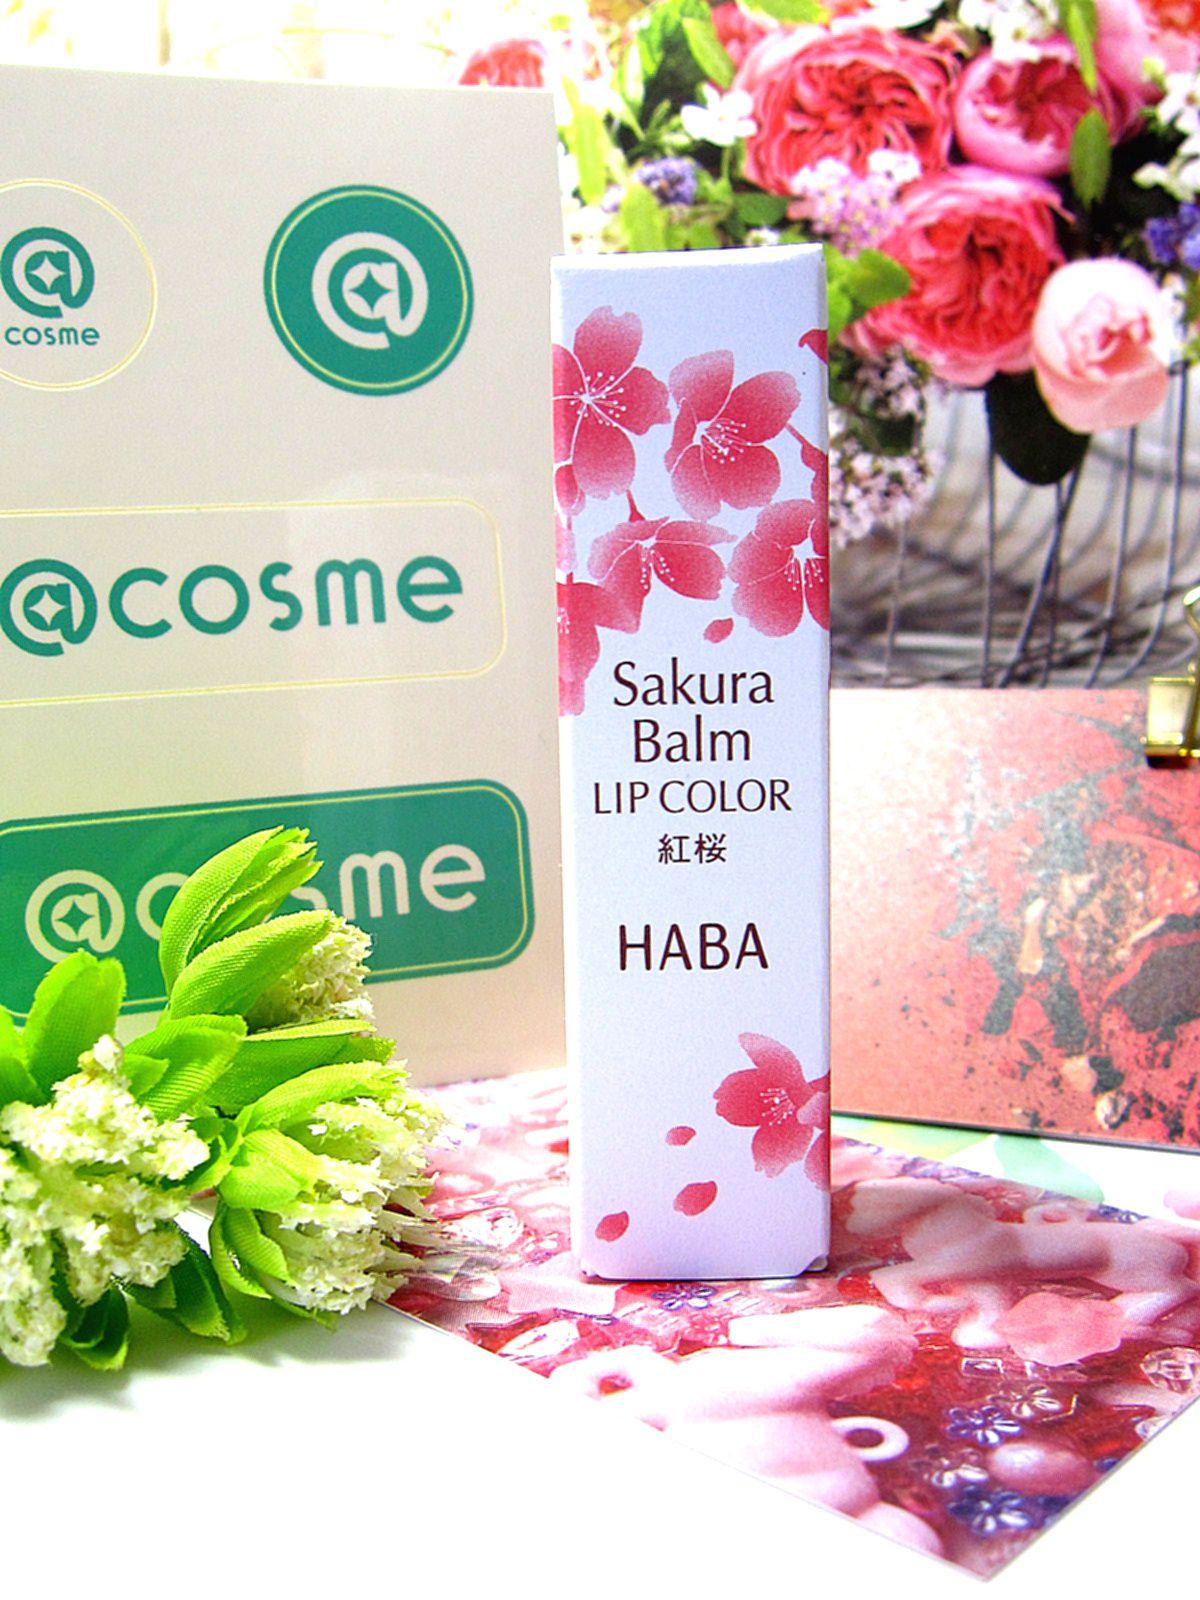 残りわずか!?2020年春限定コレクションの桜バームリップ♥HABA